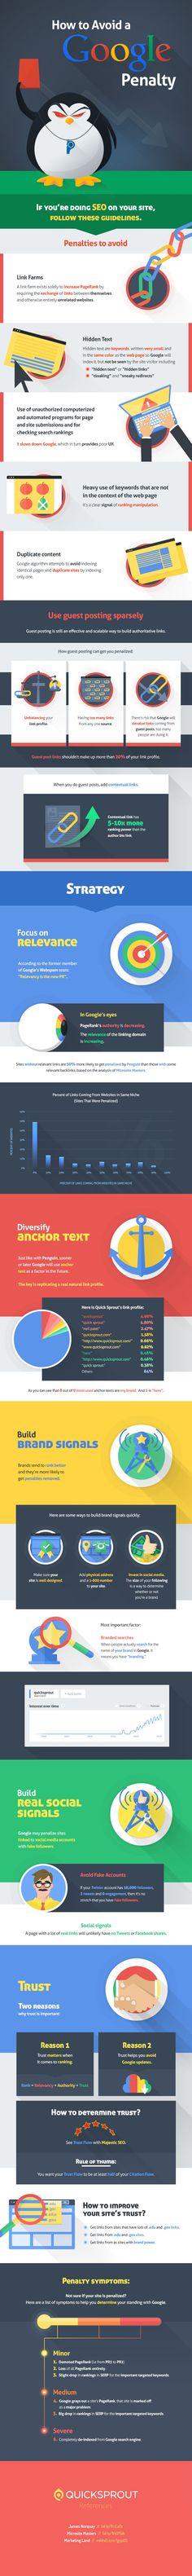 Infographie SEO : Eviter les pénalités des algorithmes Google